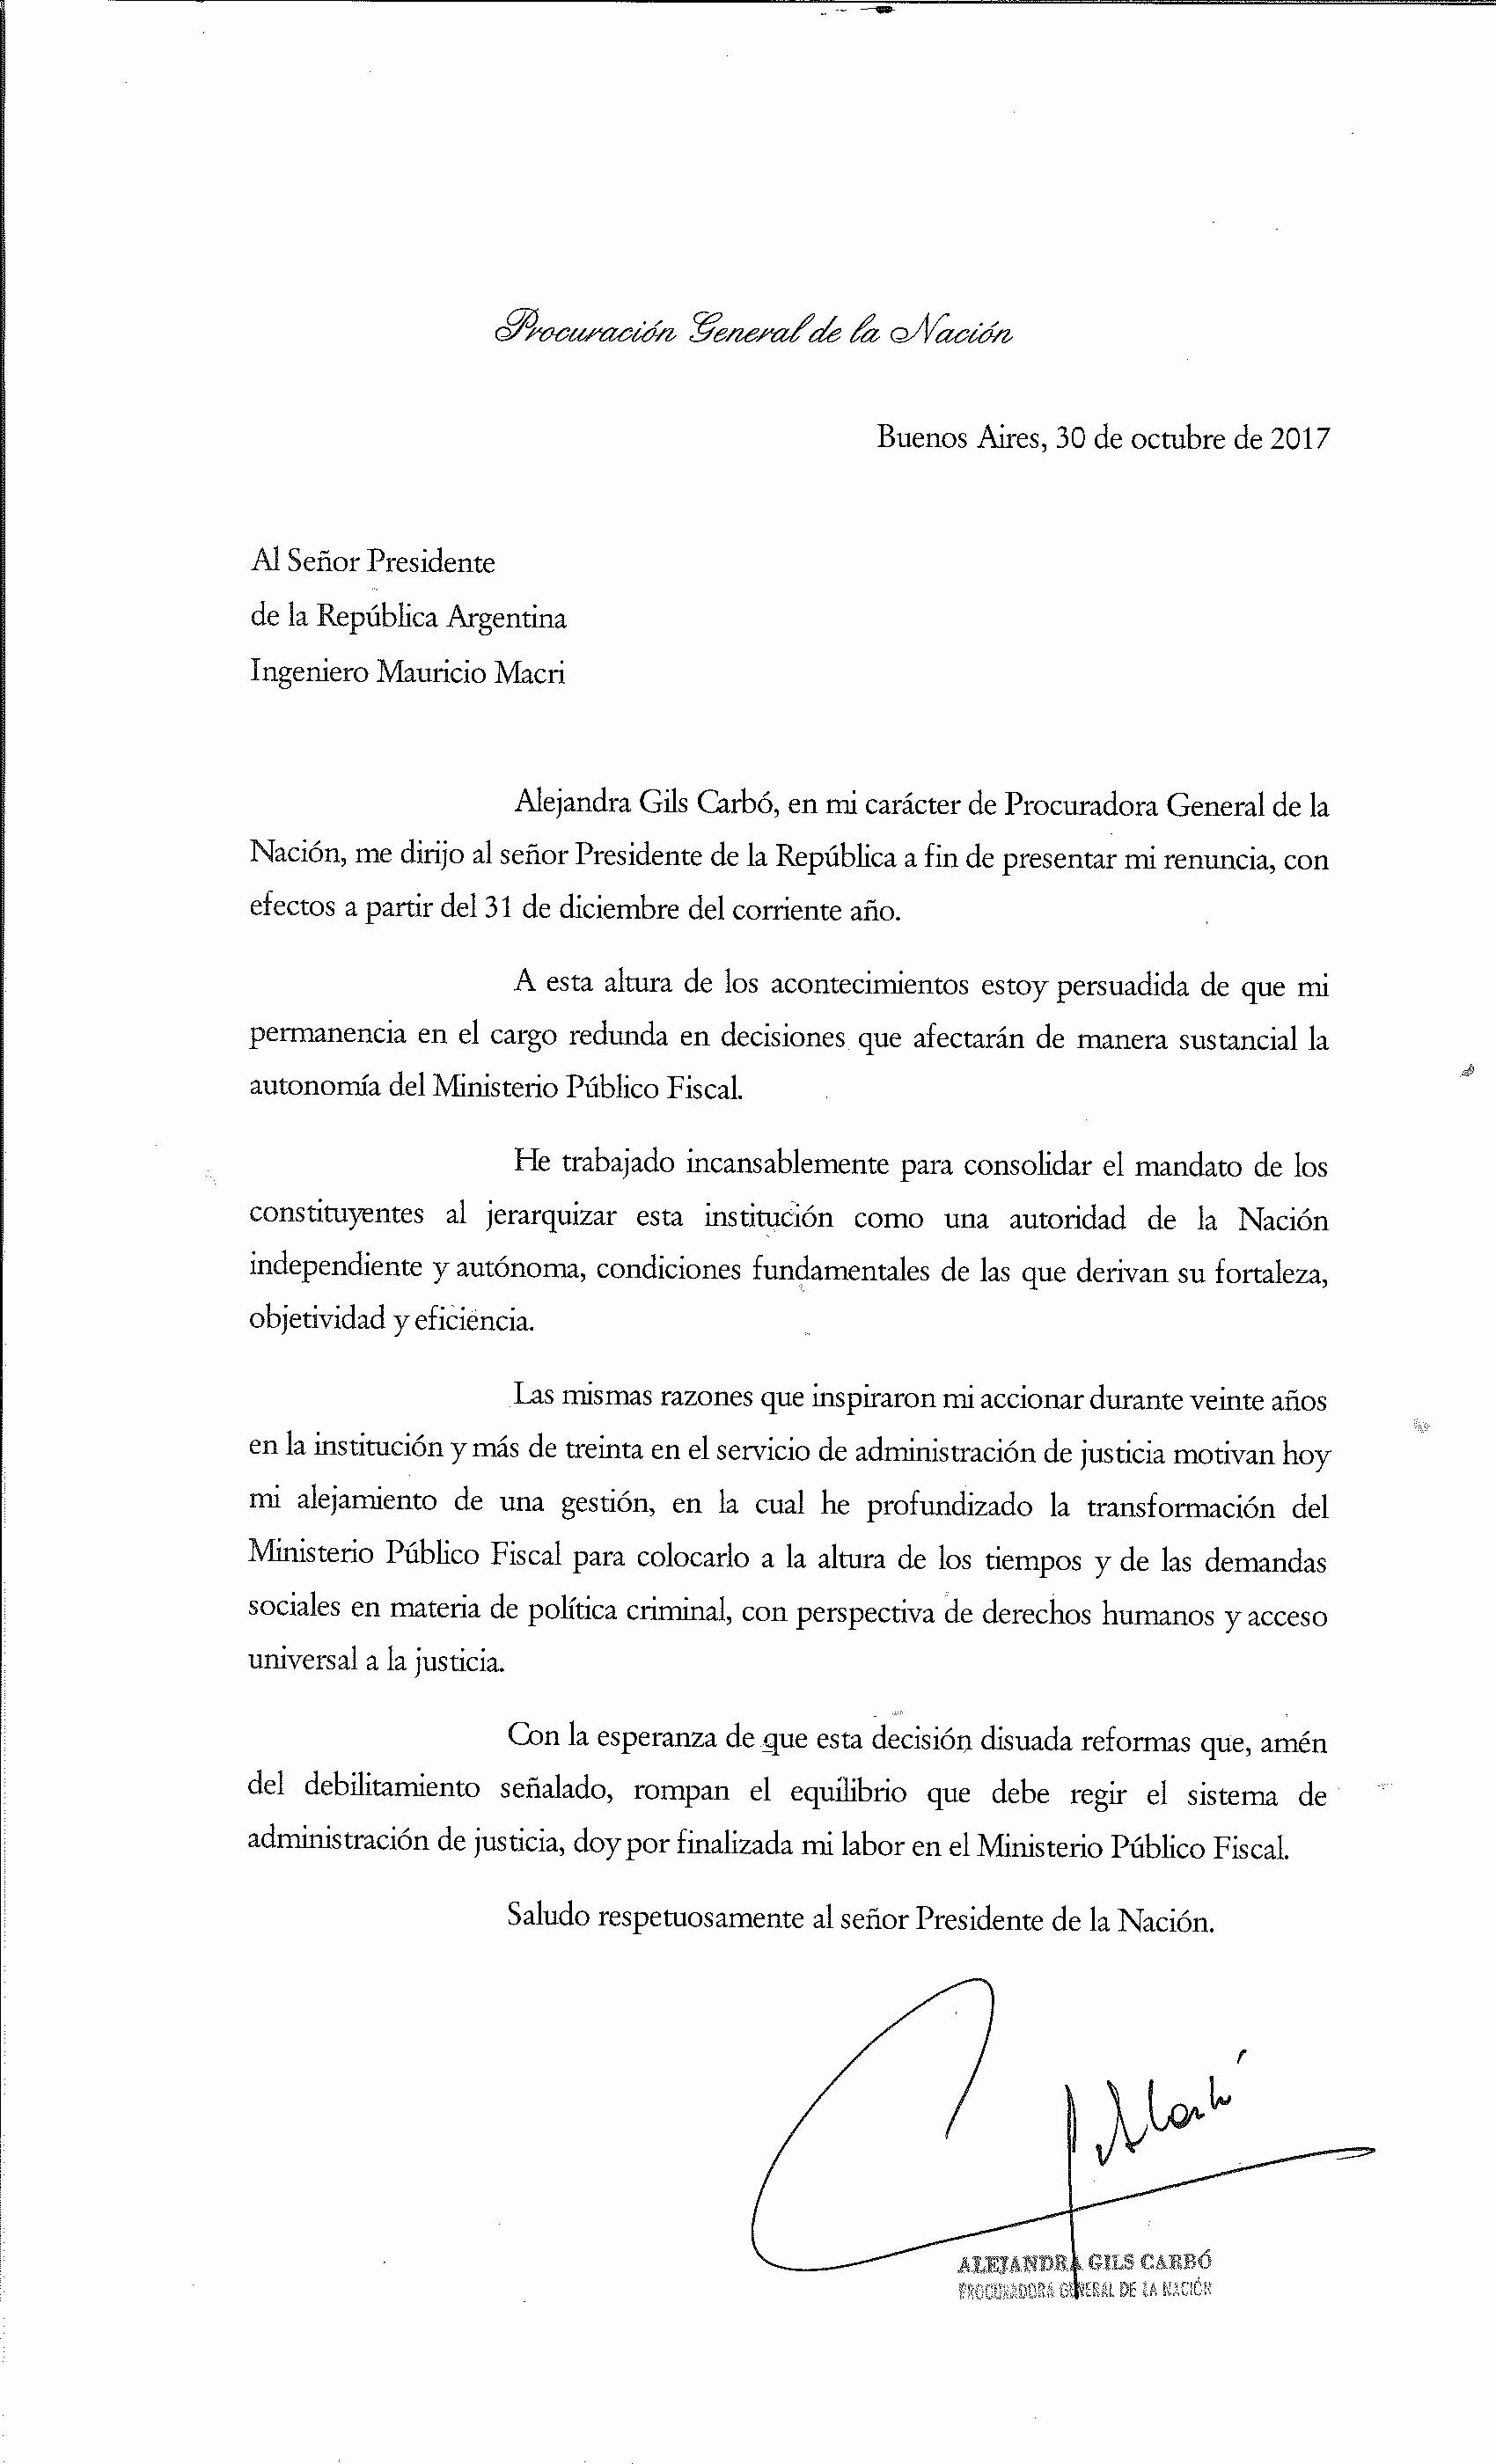 Carta Dirigida A Una Autoridad New Argentina En Una Carta Dirigida A Macri Renunció La